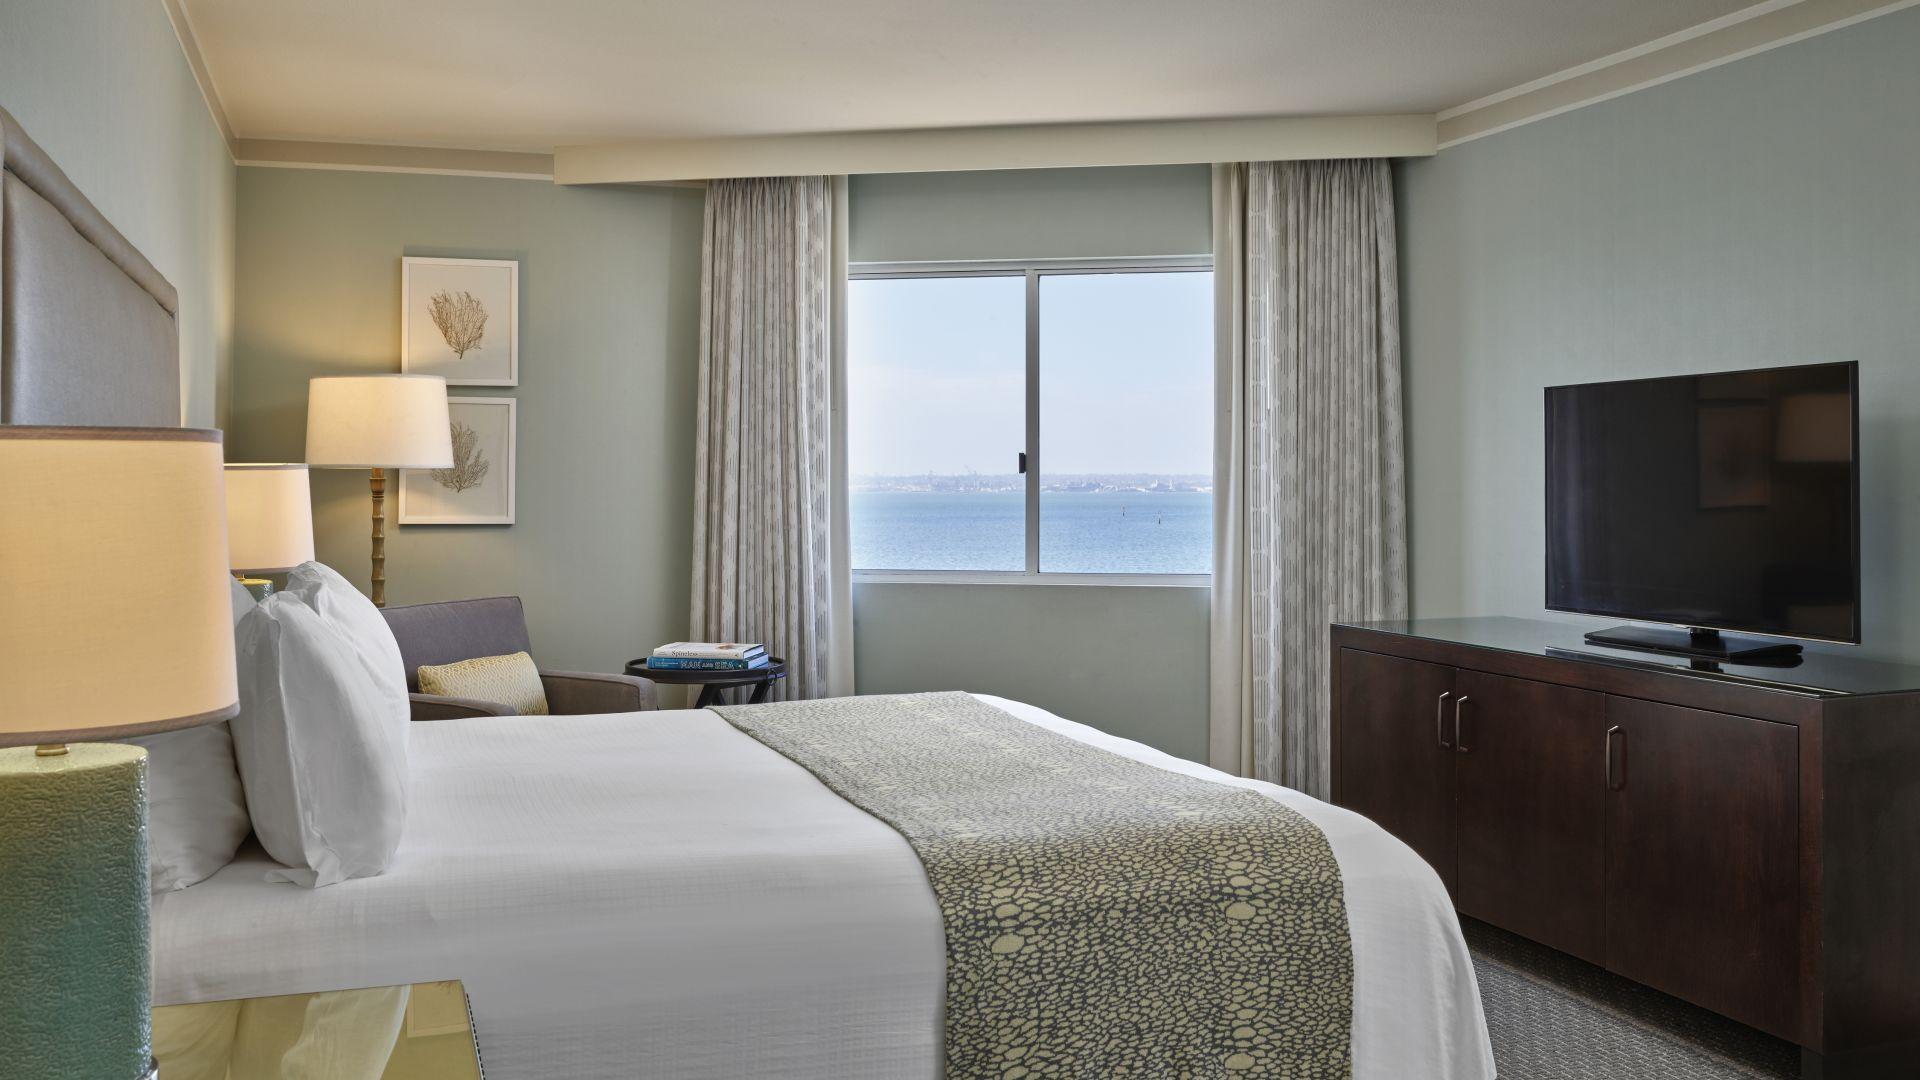 Habitación de la suite con vista de San Diego